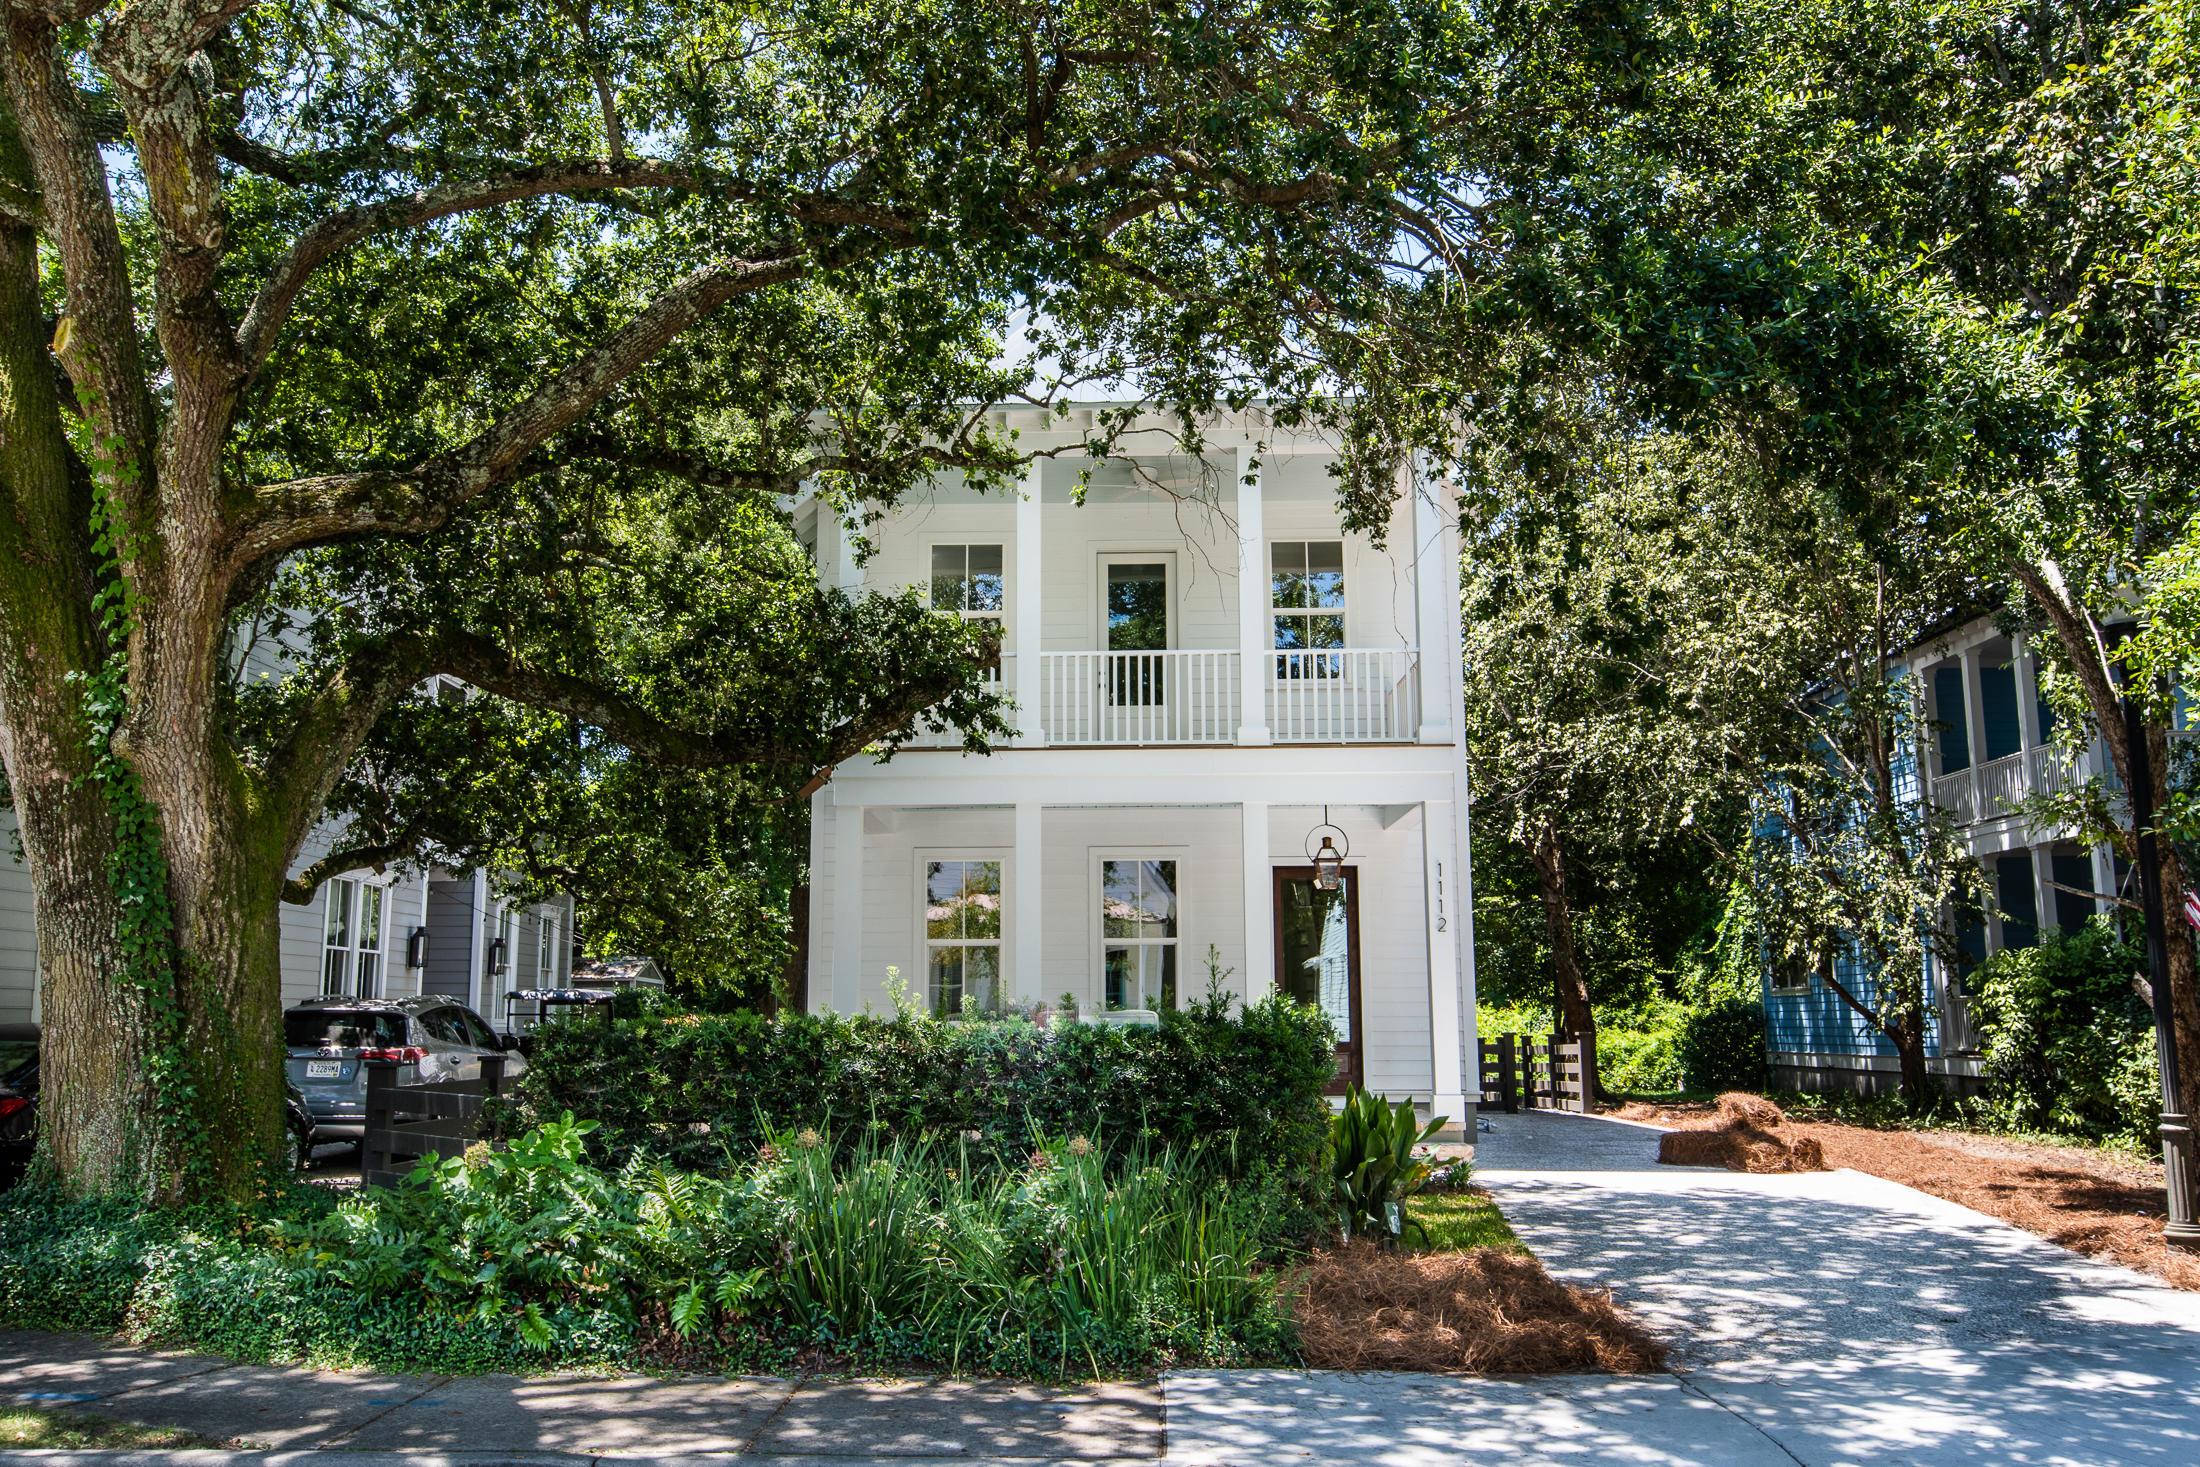 Phillips Park Homes For Sale - 1112 Phillips Park, Mount Pleasant, SC - 4